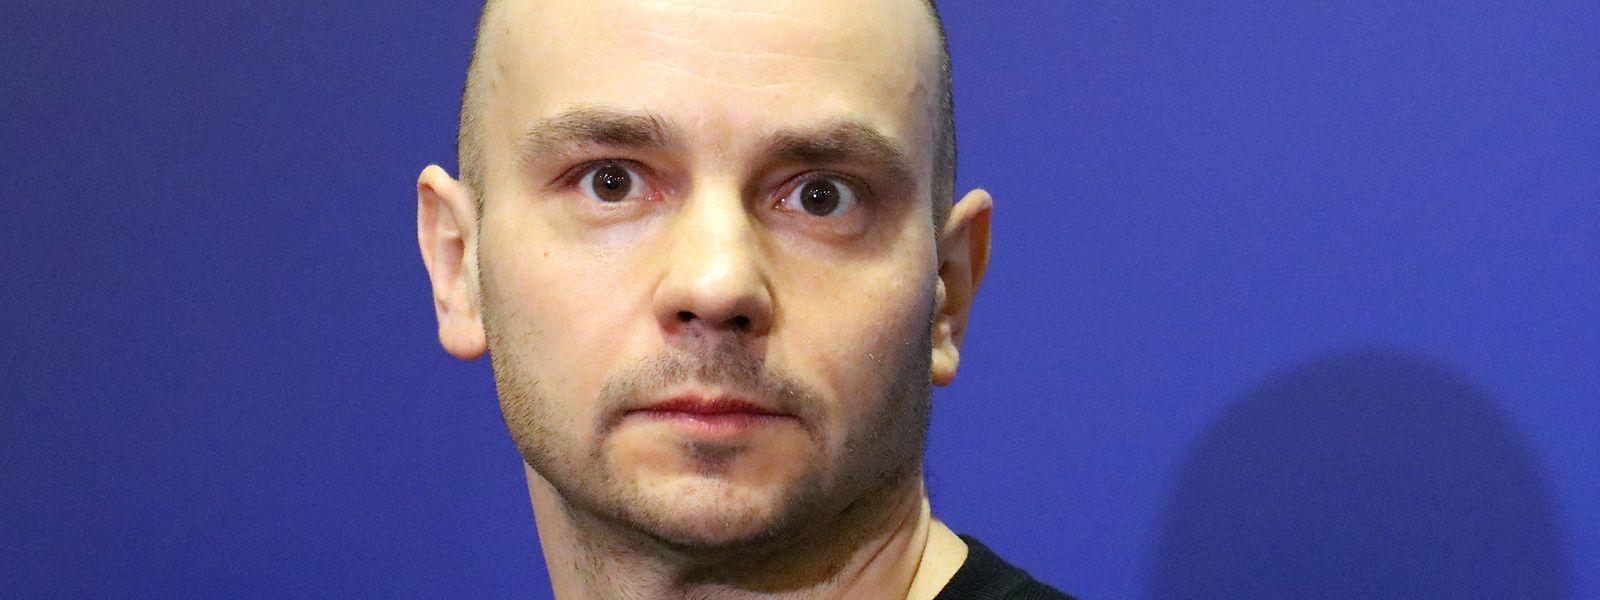 """Andrej Piwowarow hatte bis vor kurzem die kremlkritische Organisation """"Offenes Russland"""" geleitet."""